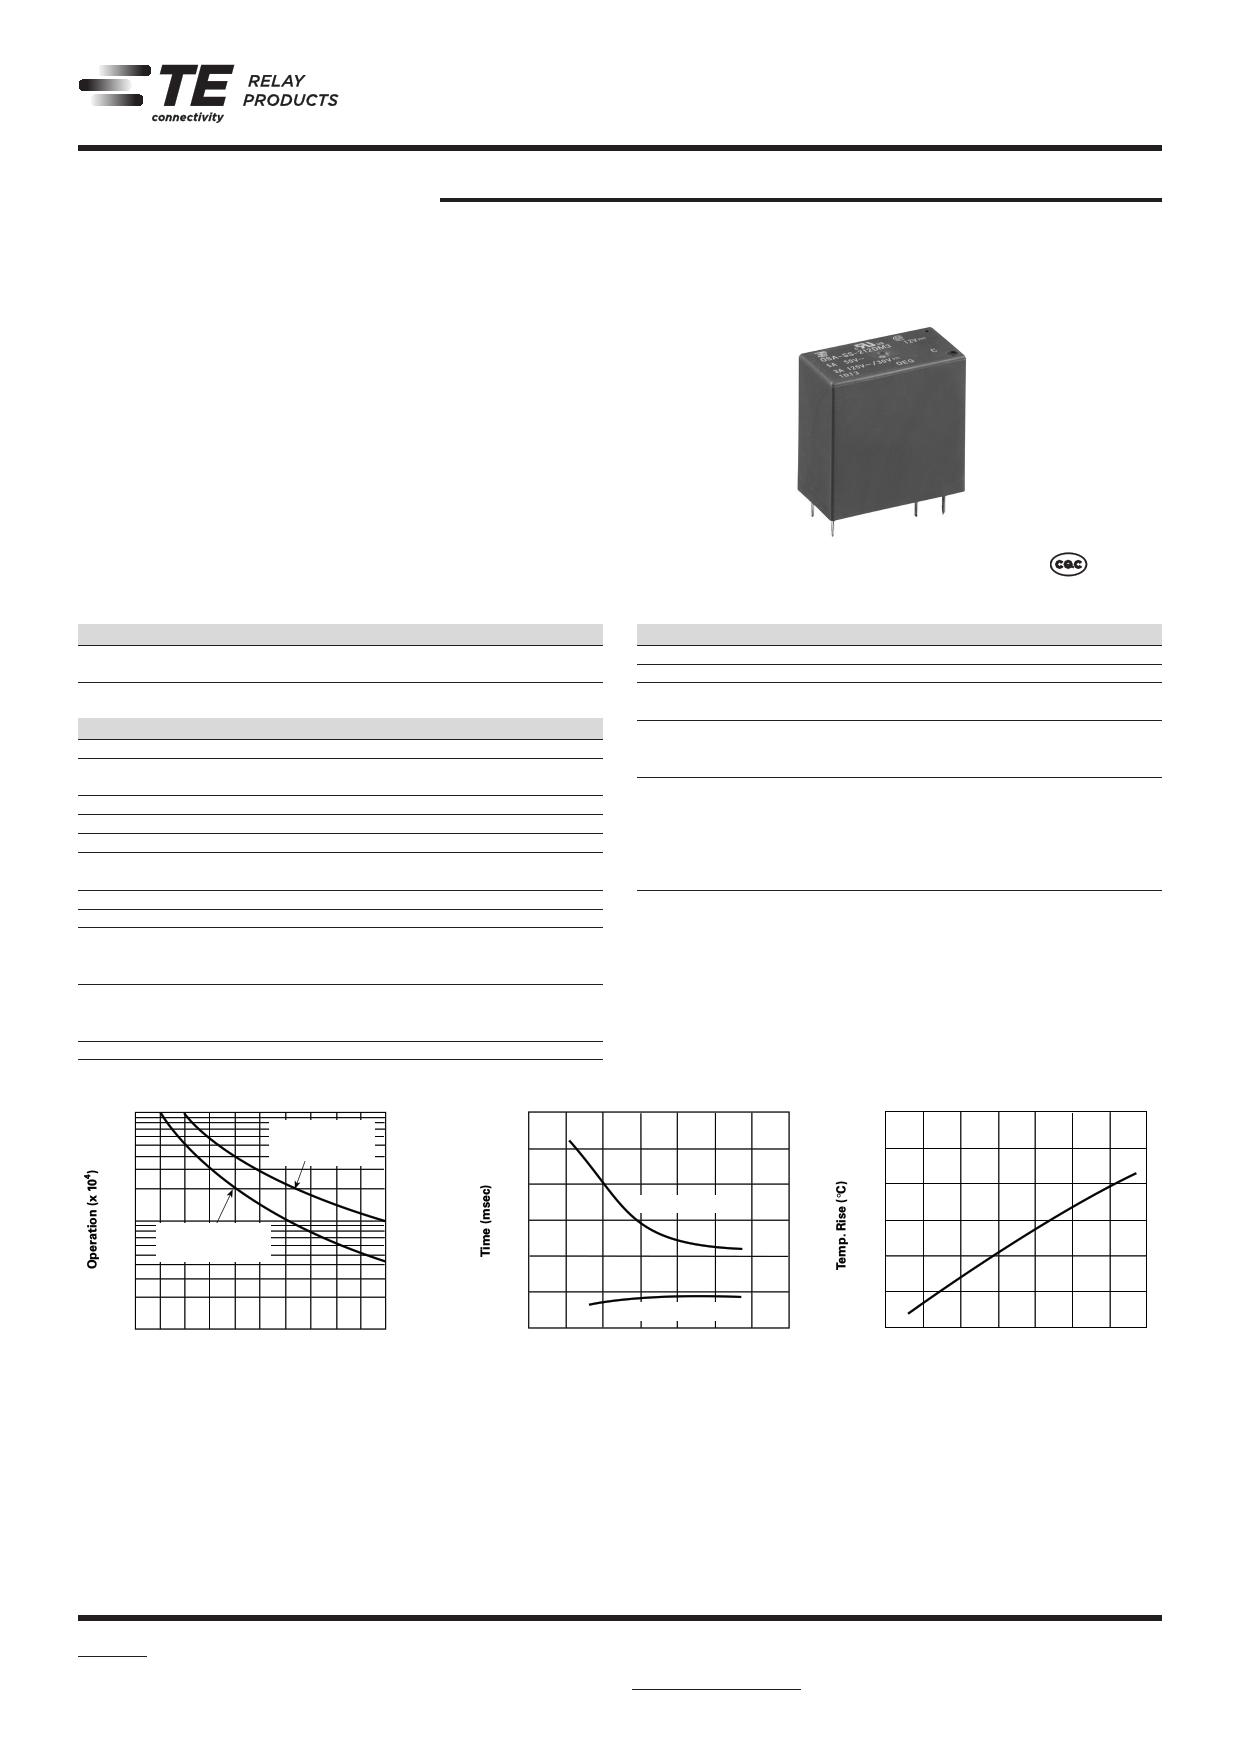 OSA-SH-205DM3 데이터시트 및 OSA-SH-205DM3 PDF